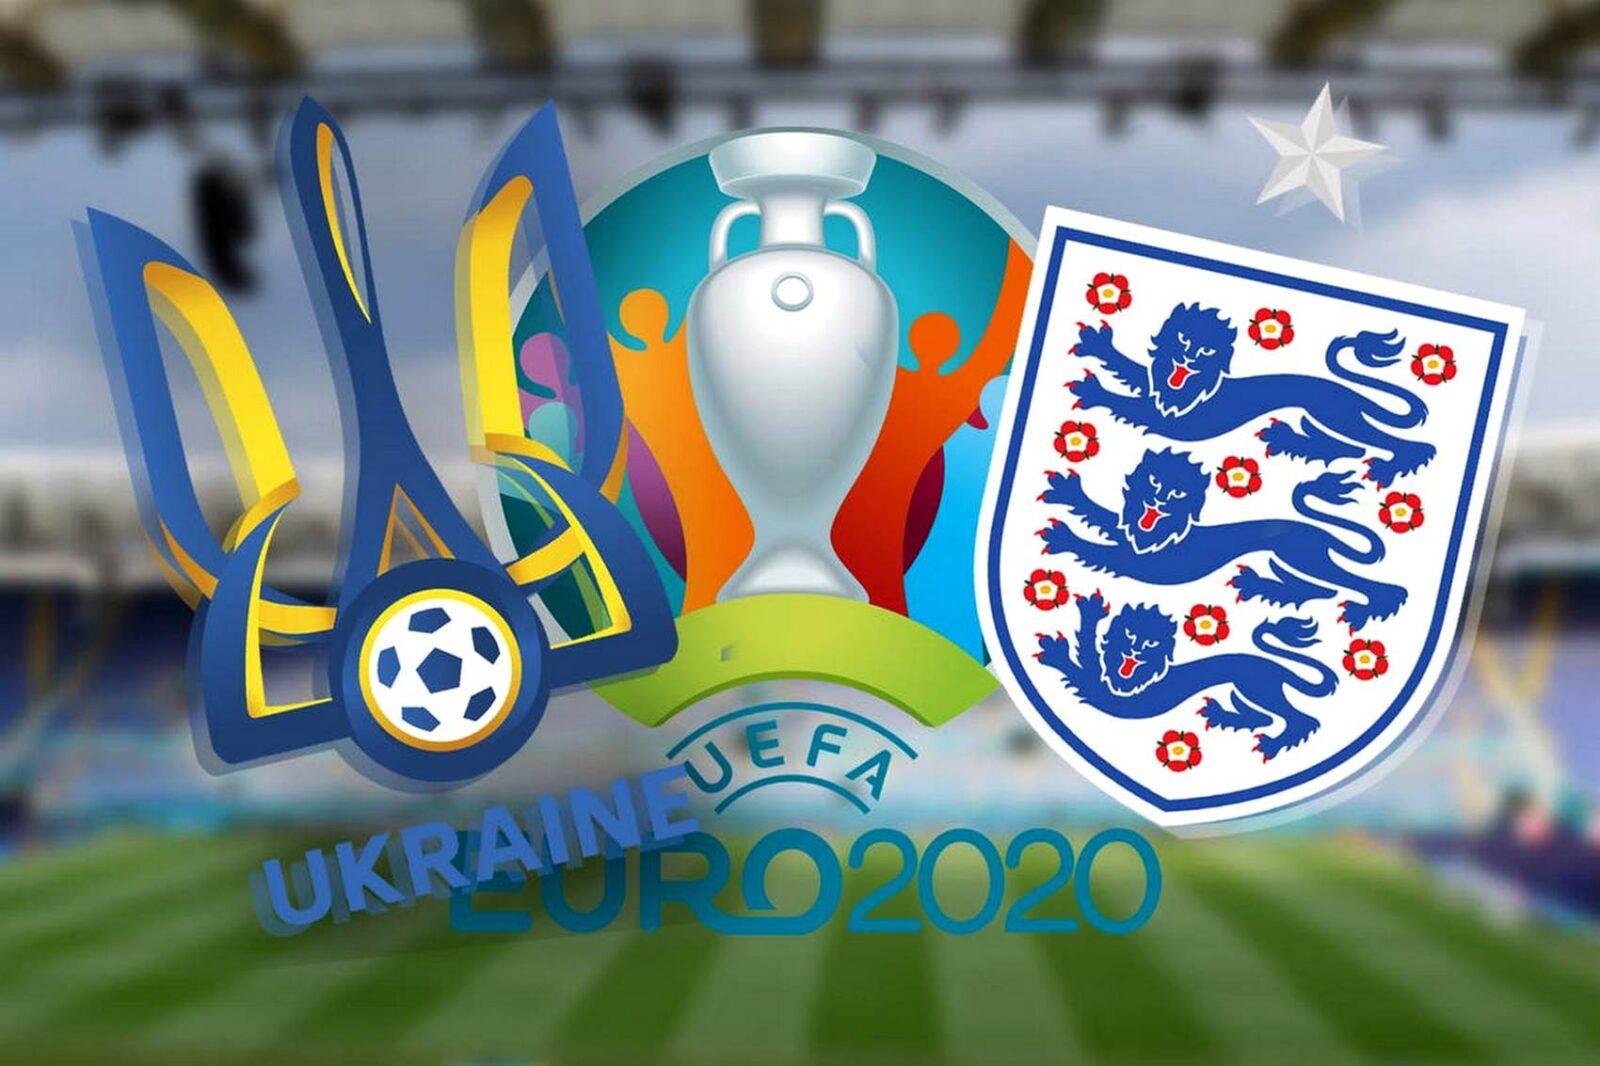 Украина — Англия смотреть онлайн матч 03.07.2021 21:50. Трансляция